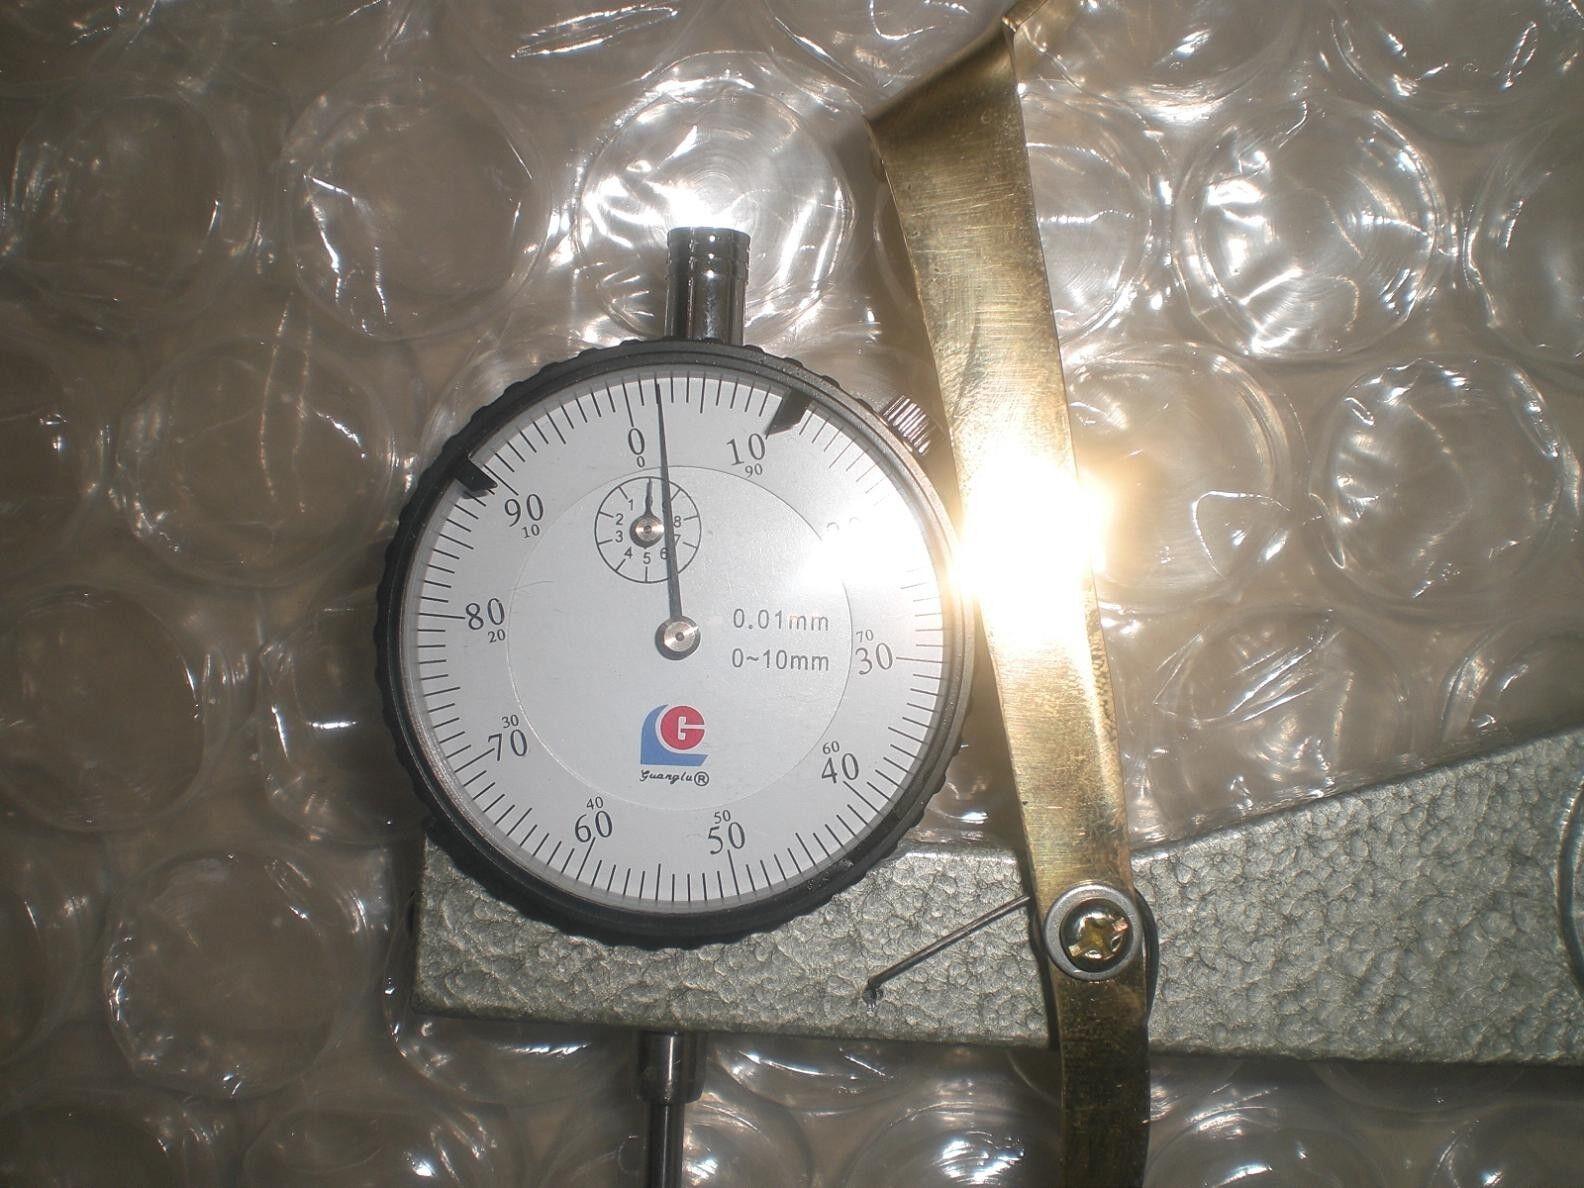 Indicador De Dial De Violín, Violín herramienta herramienta herramienta herramienta de grueso calibre violín Violín 237433